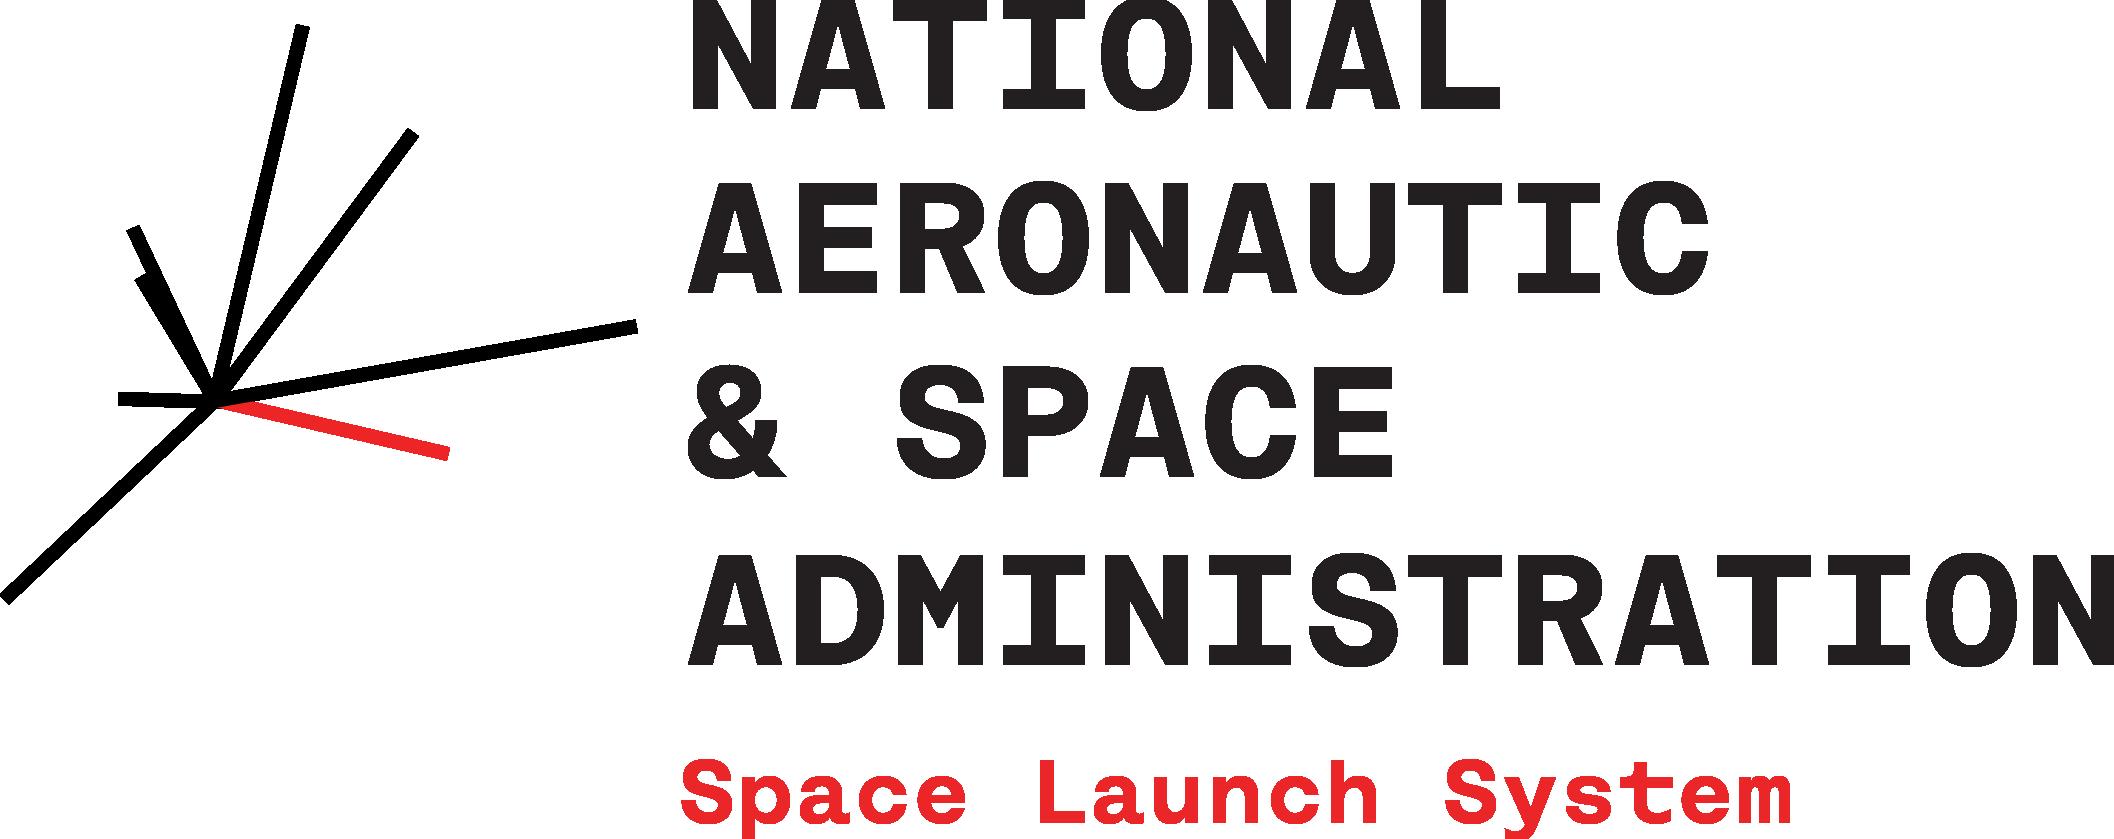 NASA-12